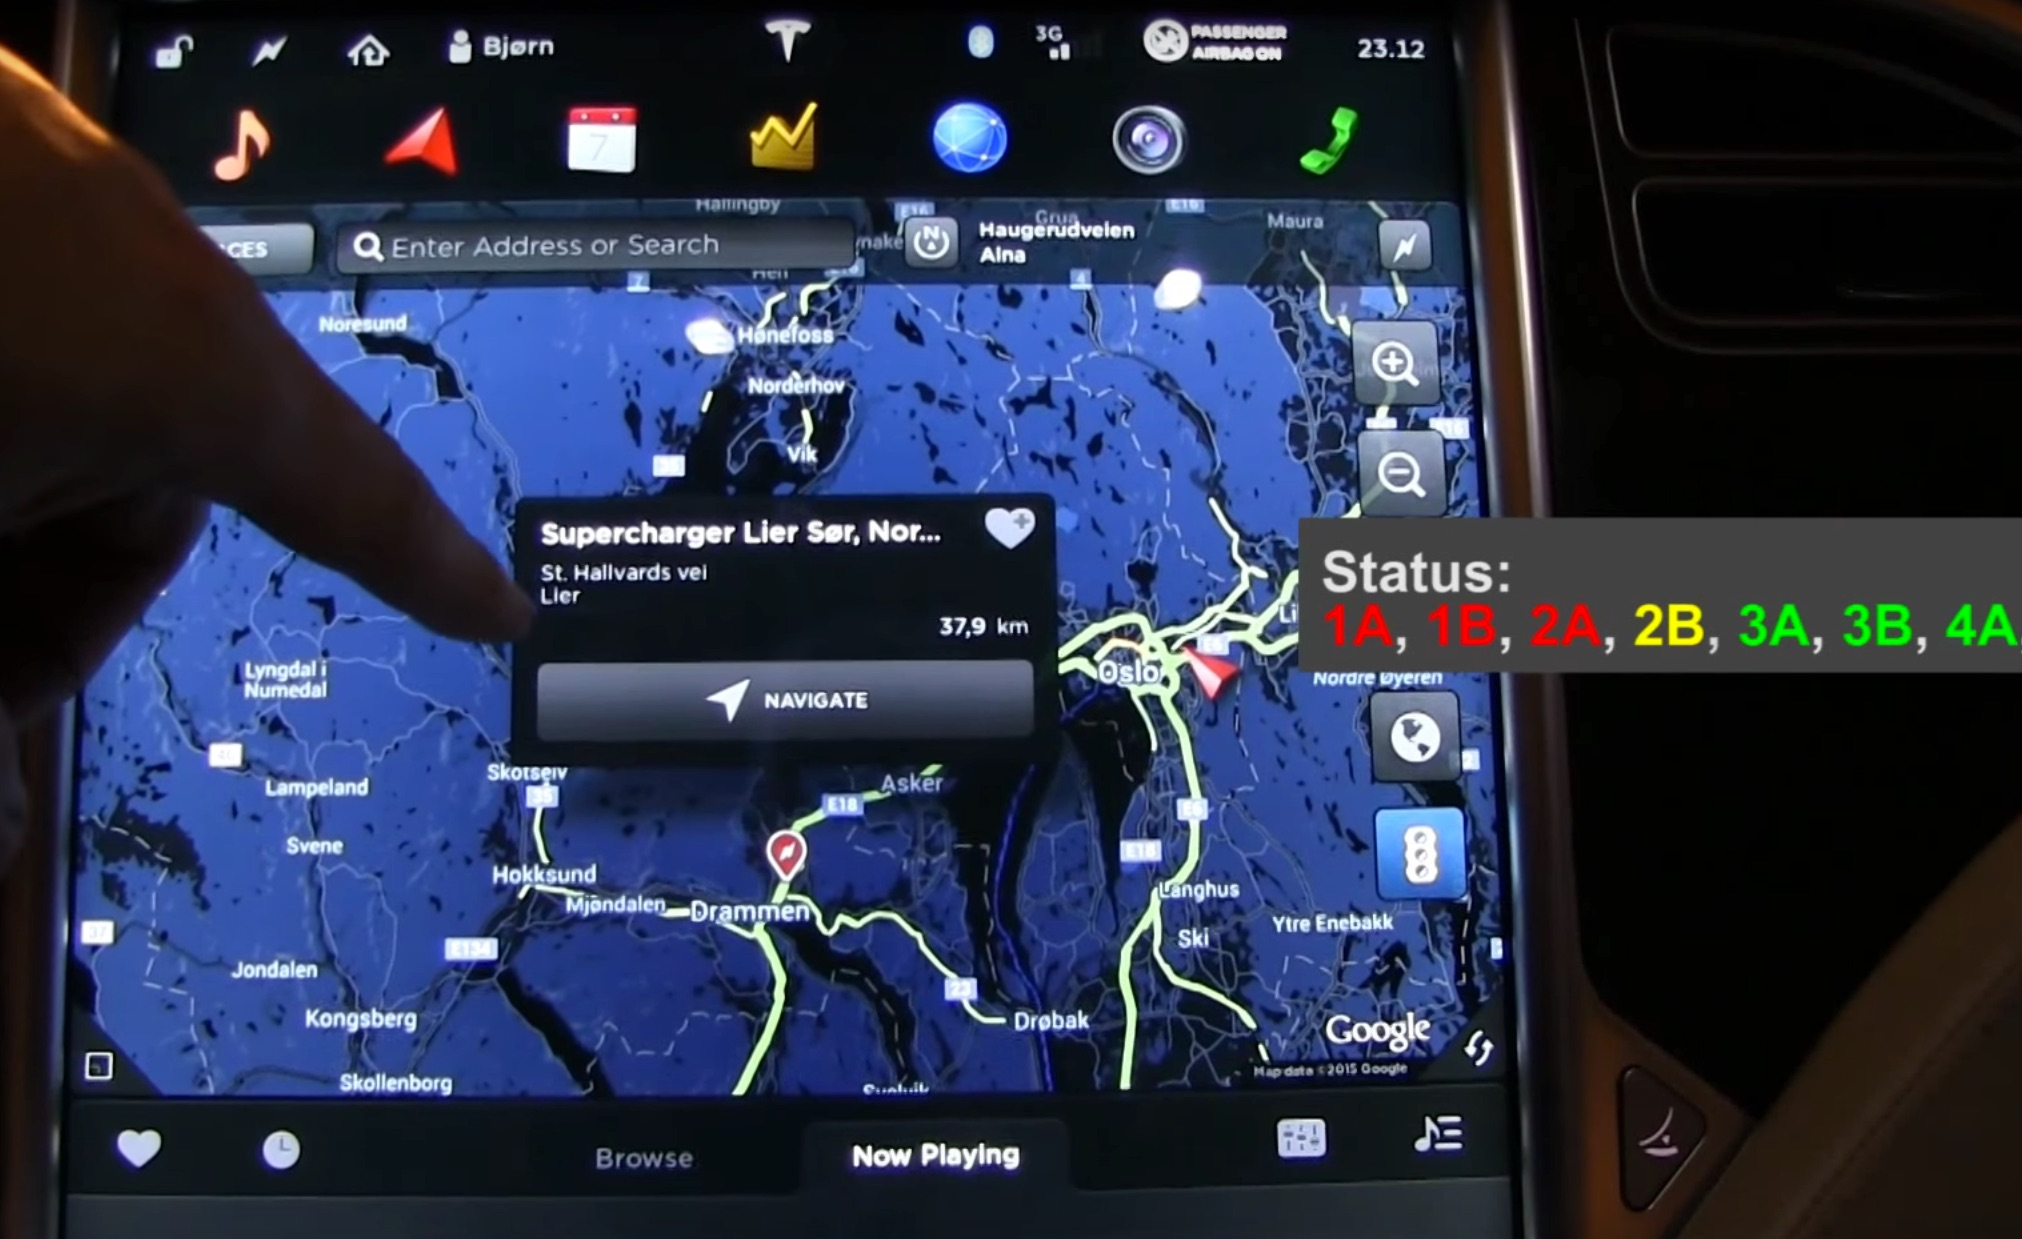 Tesla-Touchscreen-Navigation-Supercharger